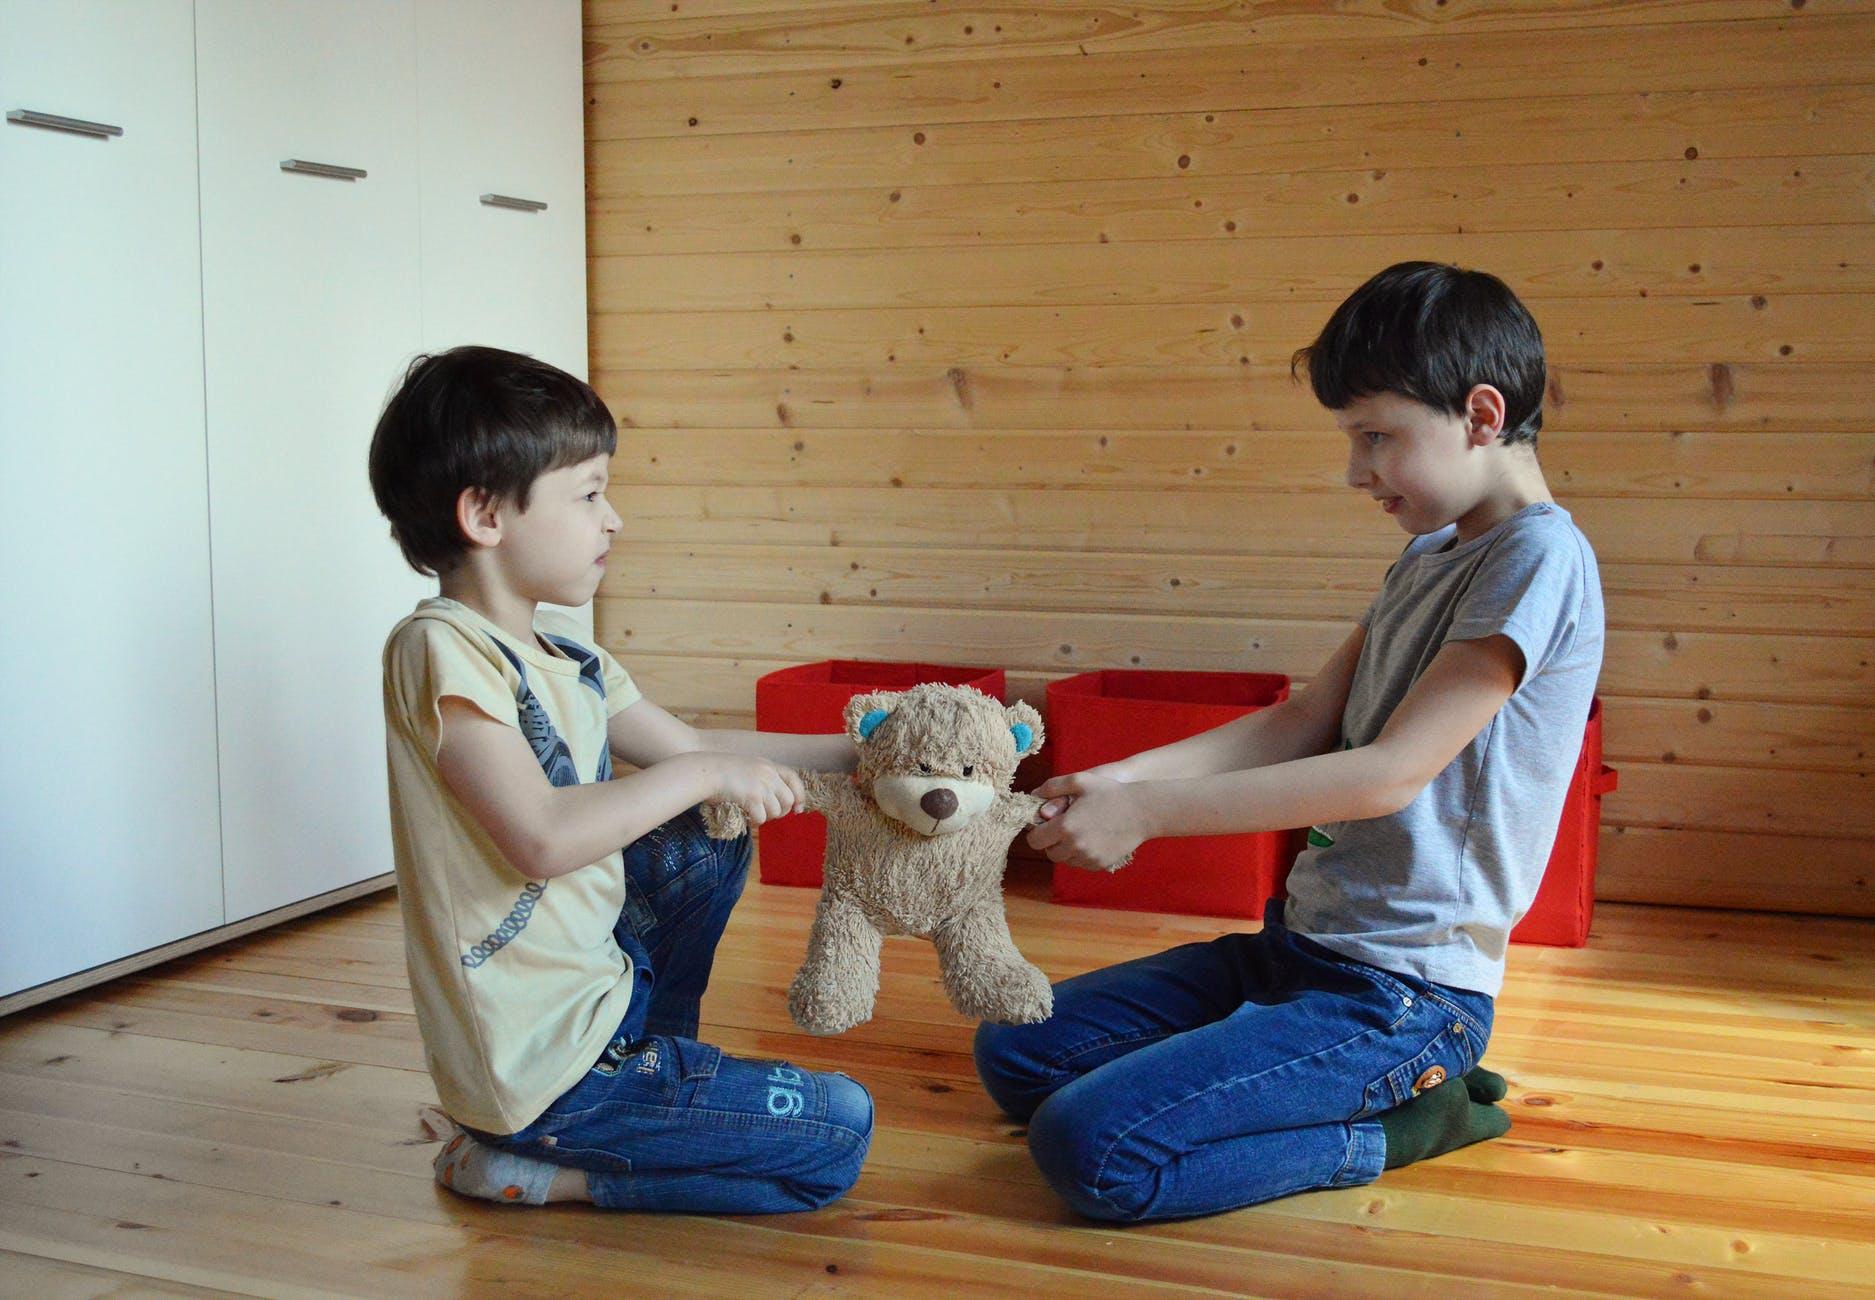 Otizm ve Diğer Gruptaki Çocuklara Özdenetim Becerisini Oyunlarla Kazandırma